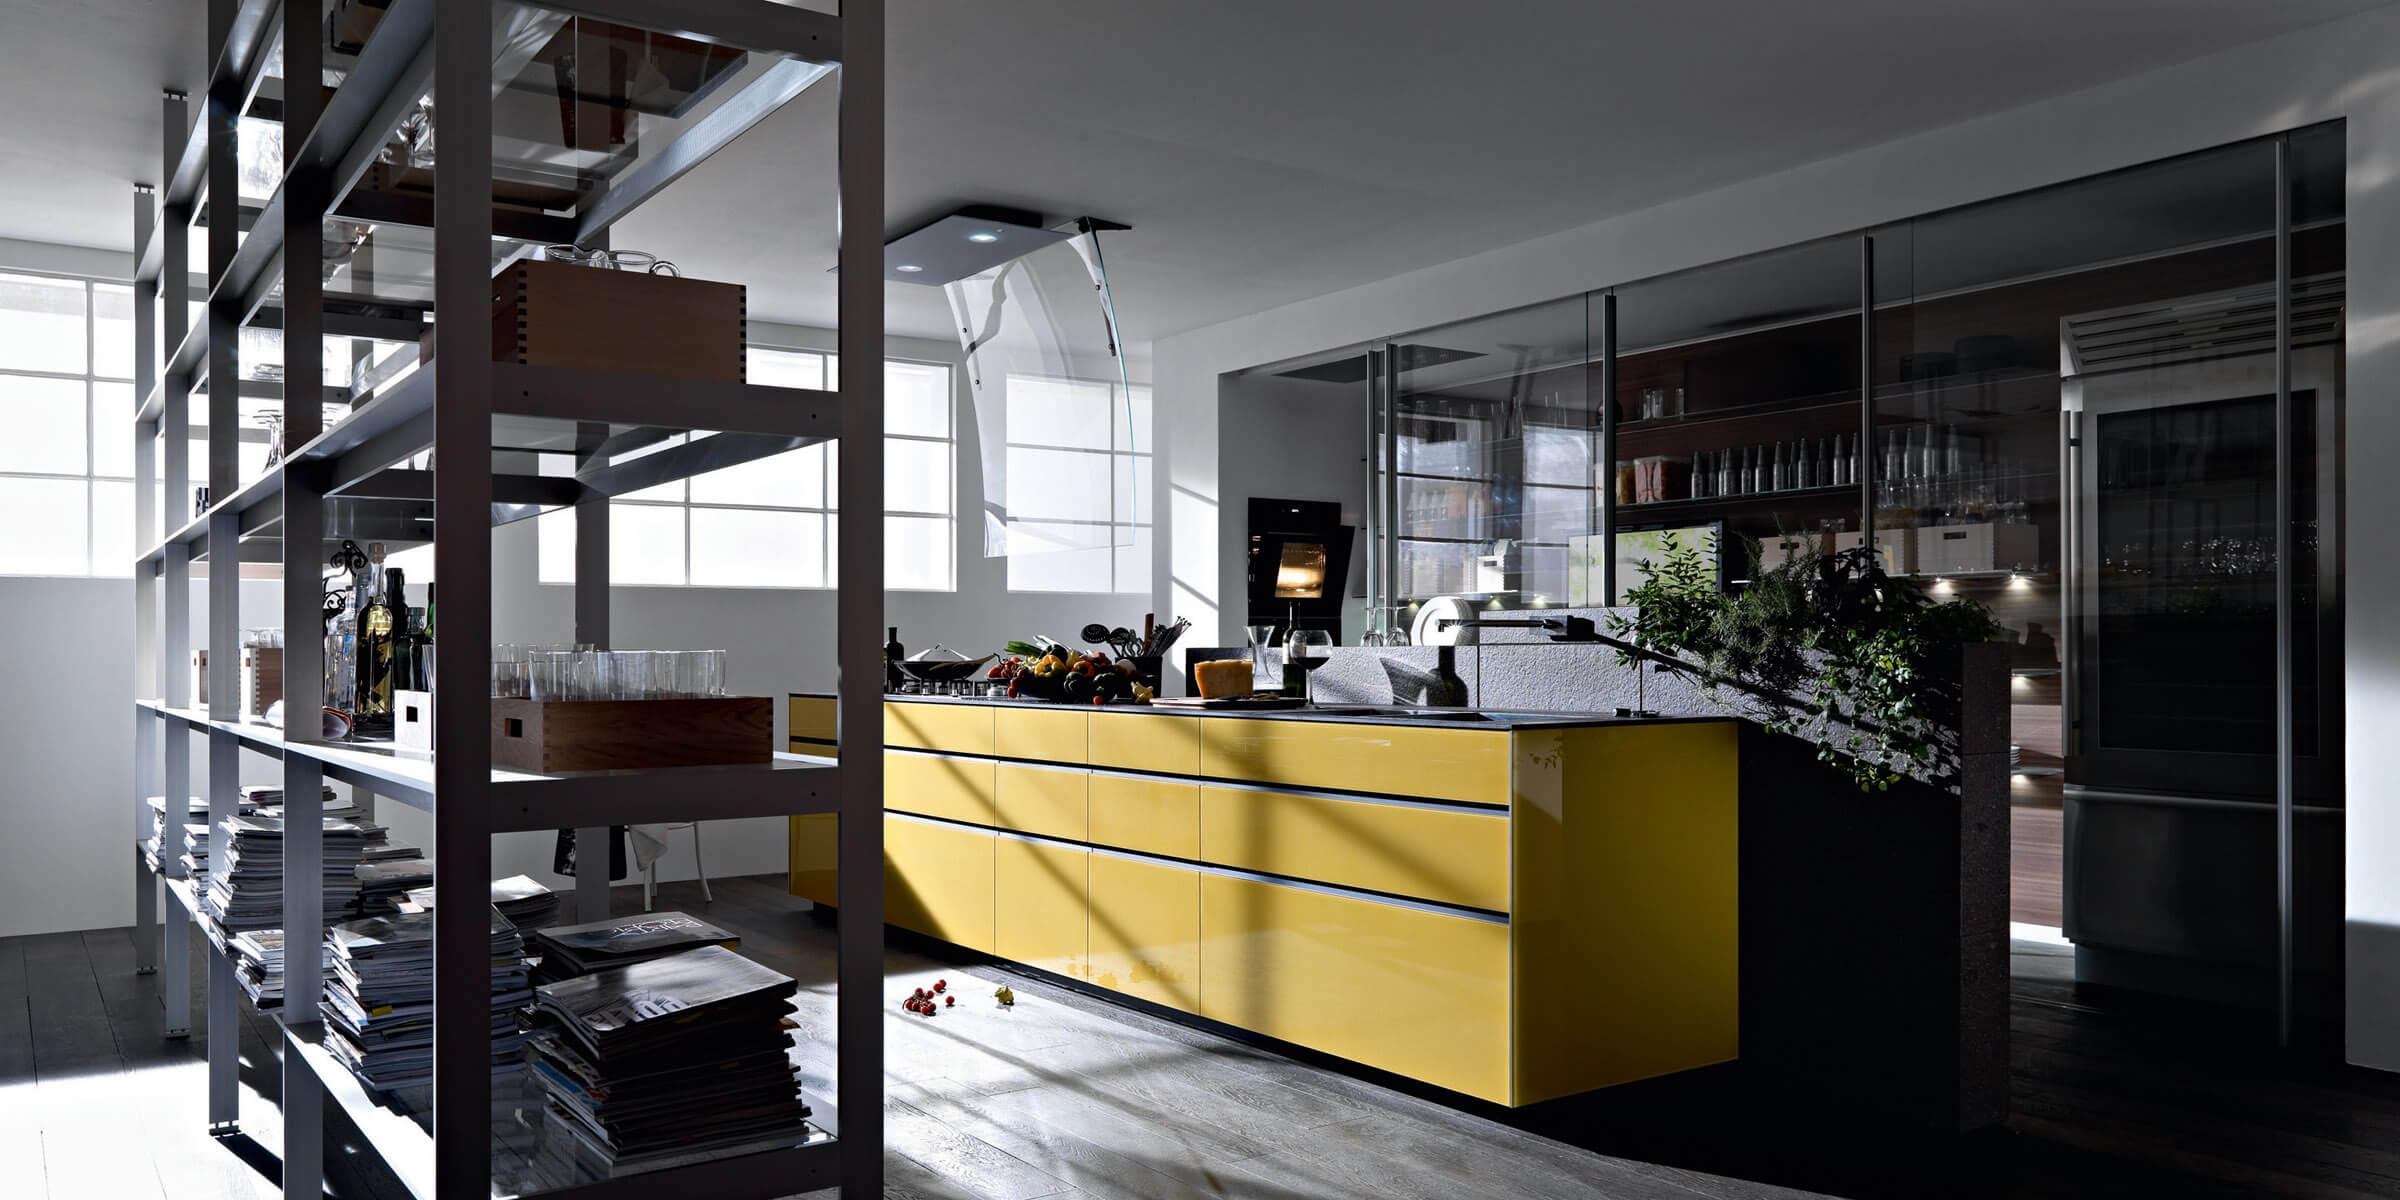 105 artematica vitrum giallo terra 1  - Cocinas de Cristal